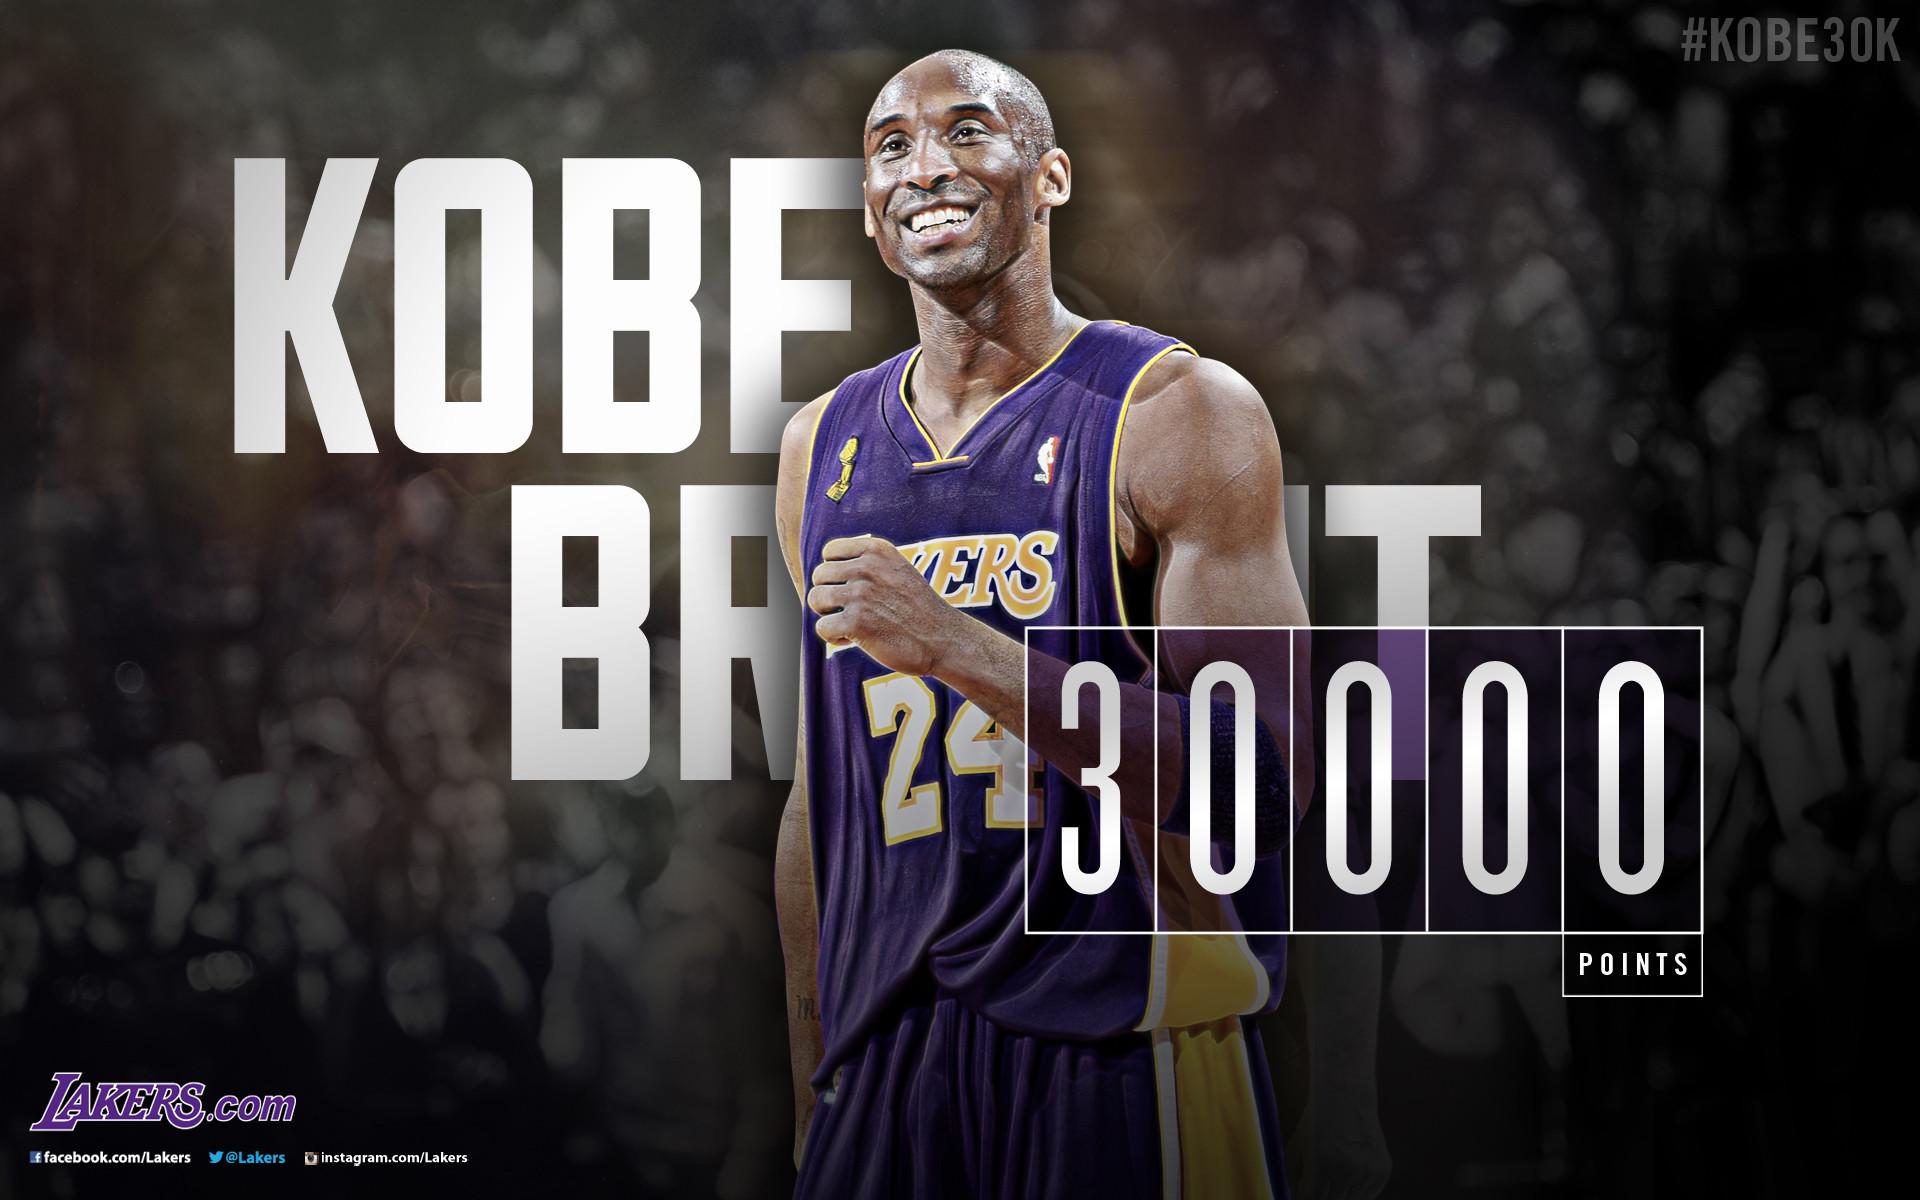 Kobe Bryant 30,000 Points